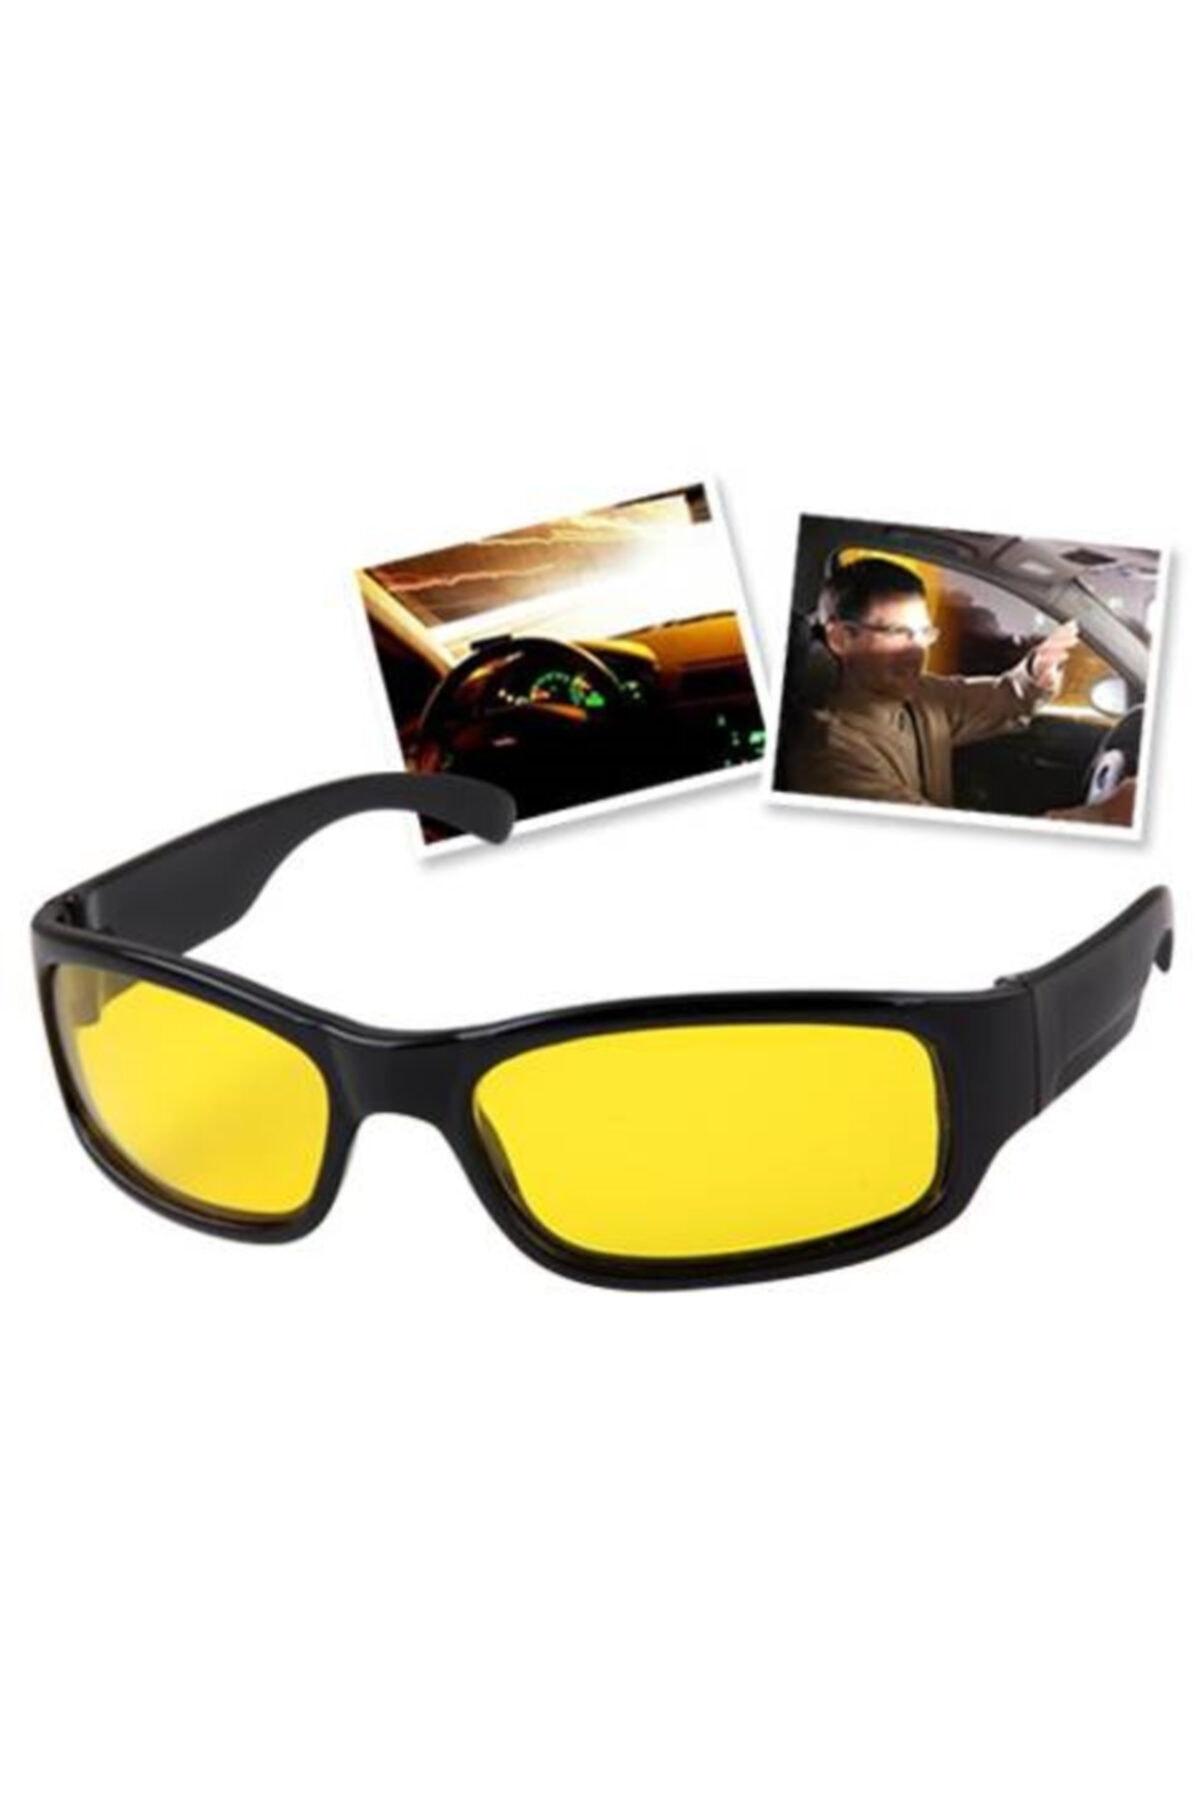 Çokuygunuz Araç Kullanımına Uygun Gece Görüşlü Gözlük 1